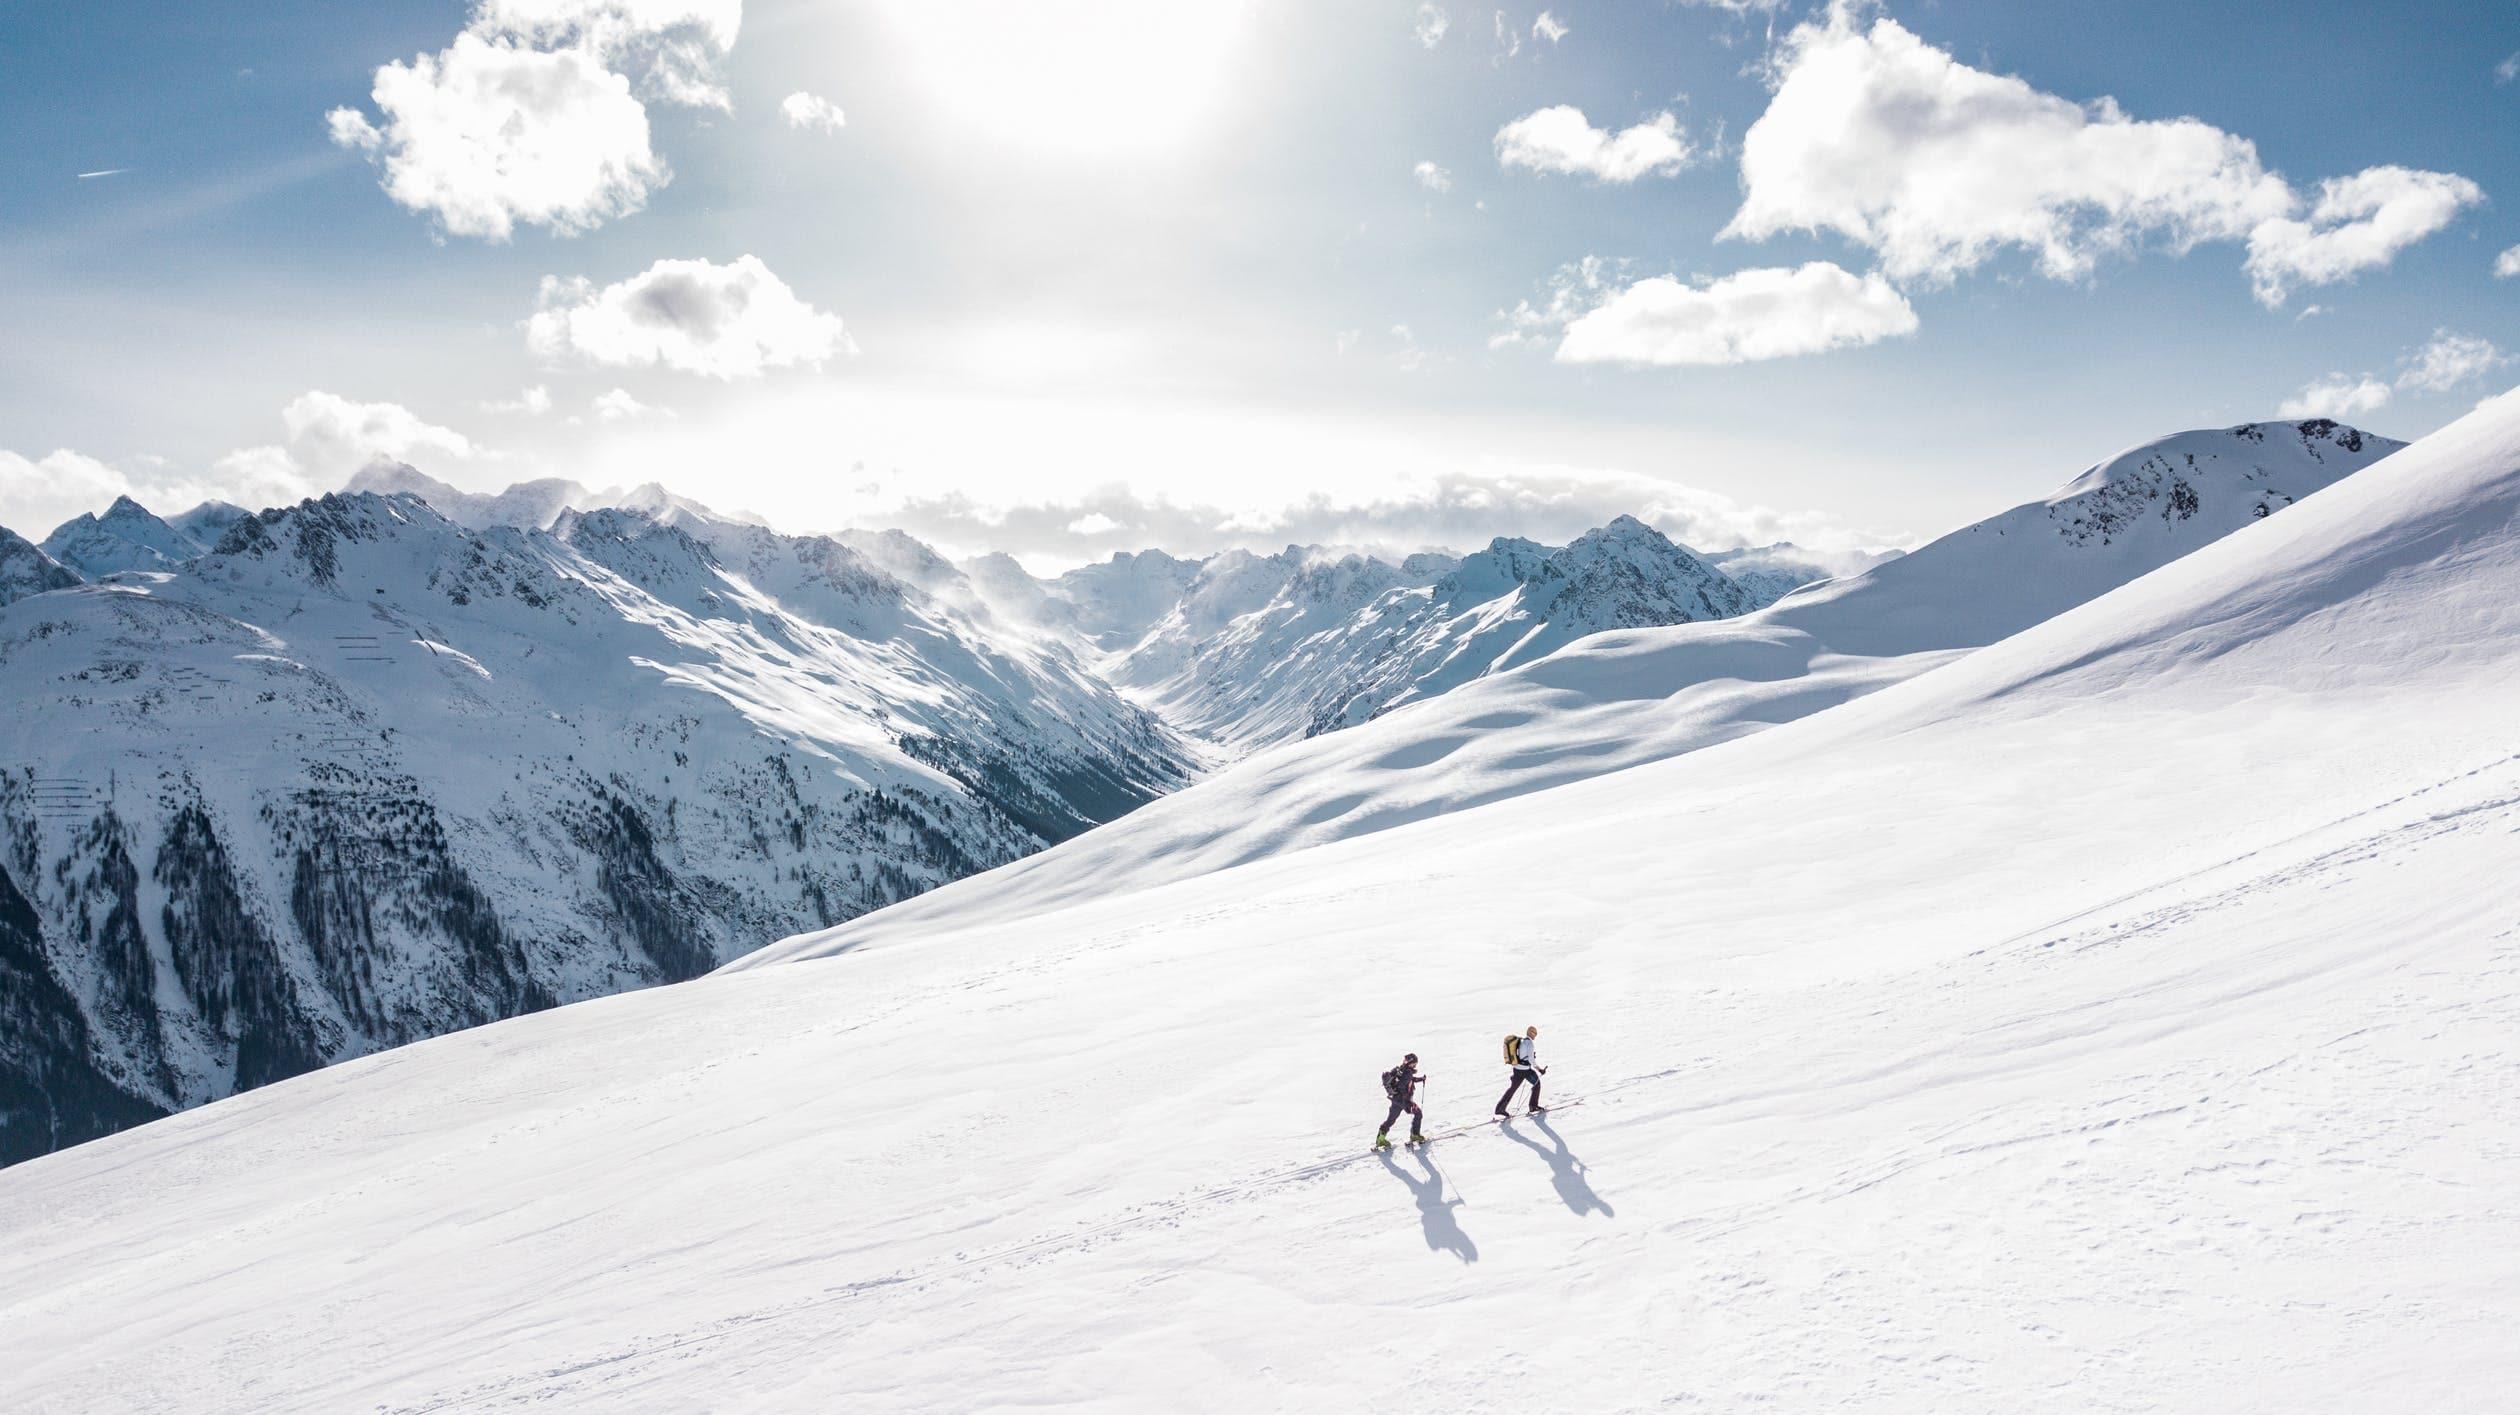 Skiers walking up large slope